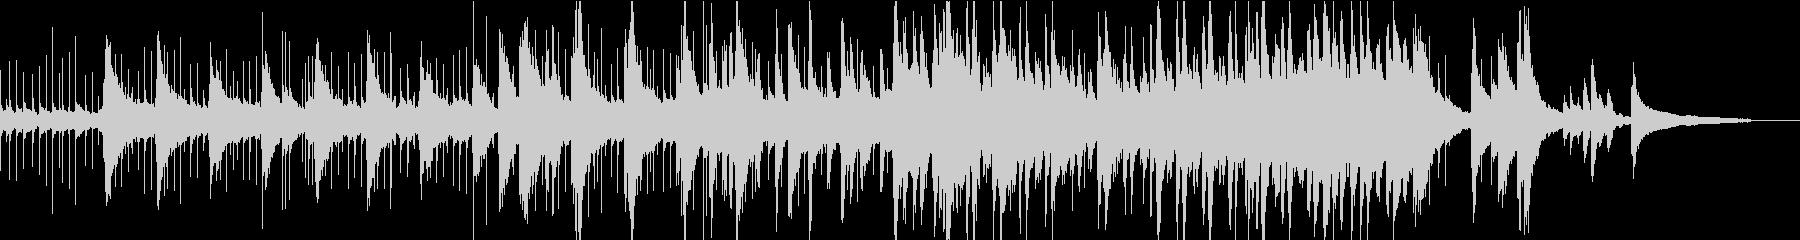 小さな閃きをイメージしたラテンポップスの未再生の波形